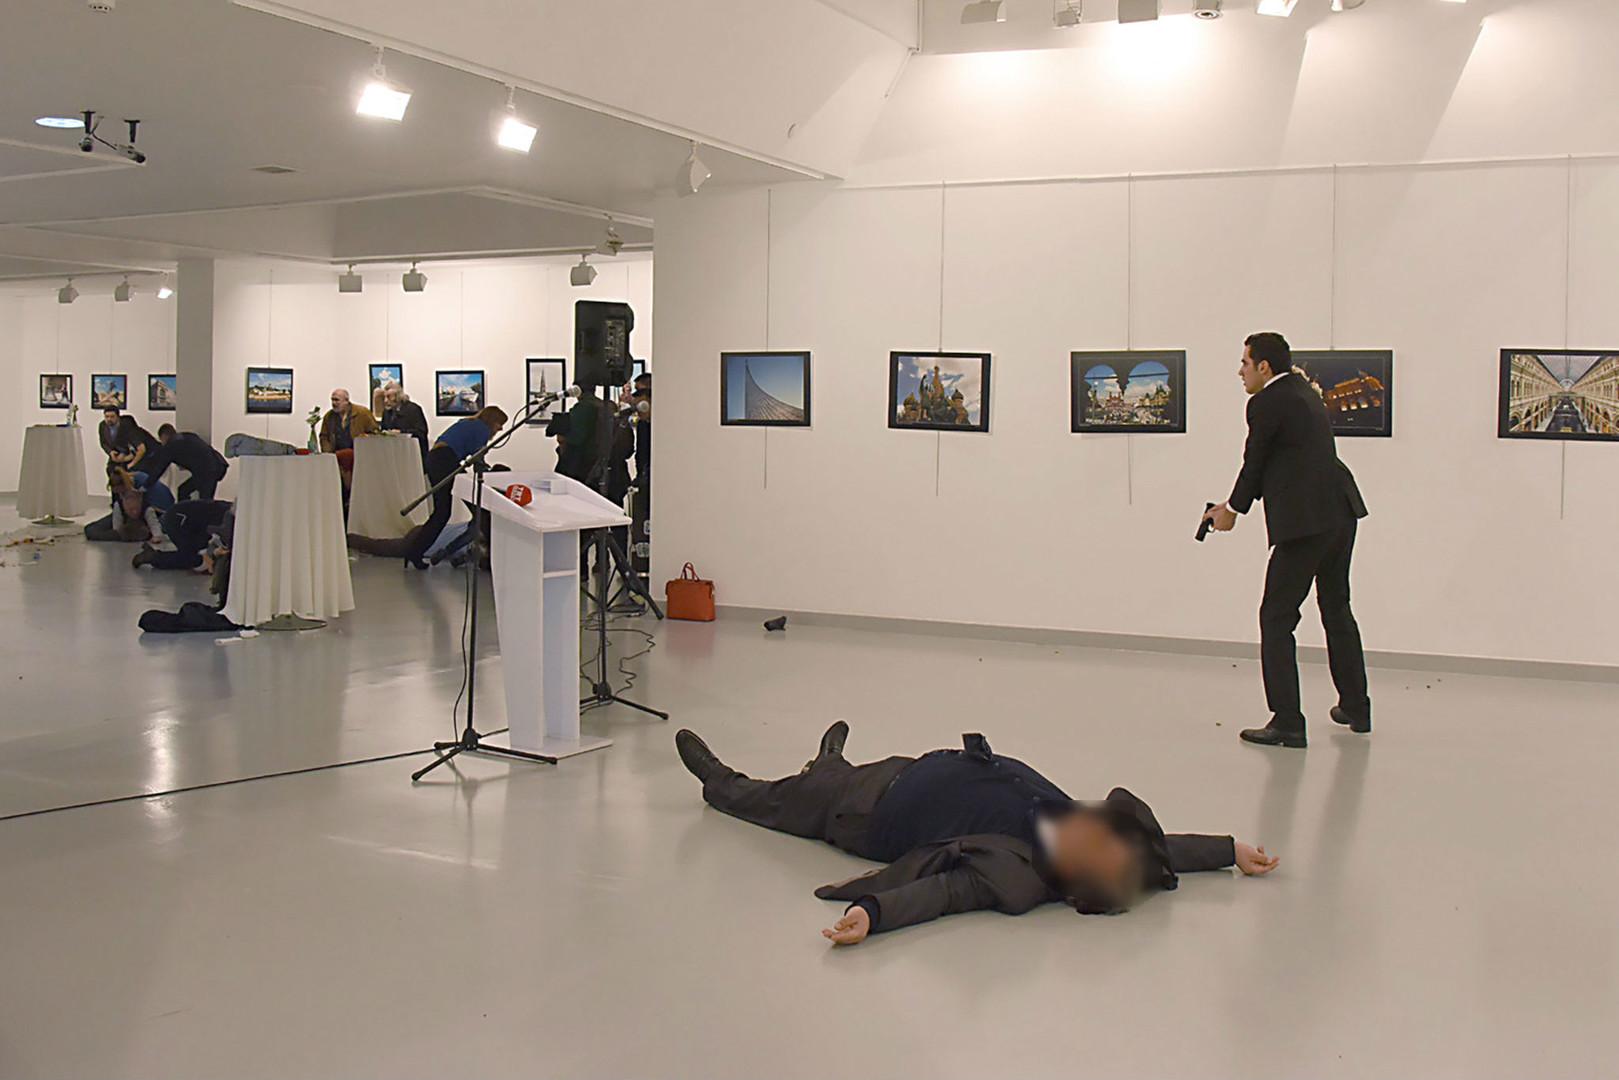 صورة مصور اغتيال السفير الروسي بتركيا يروي«اللحظات الأخيرة»